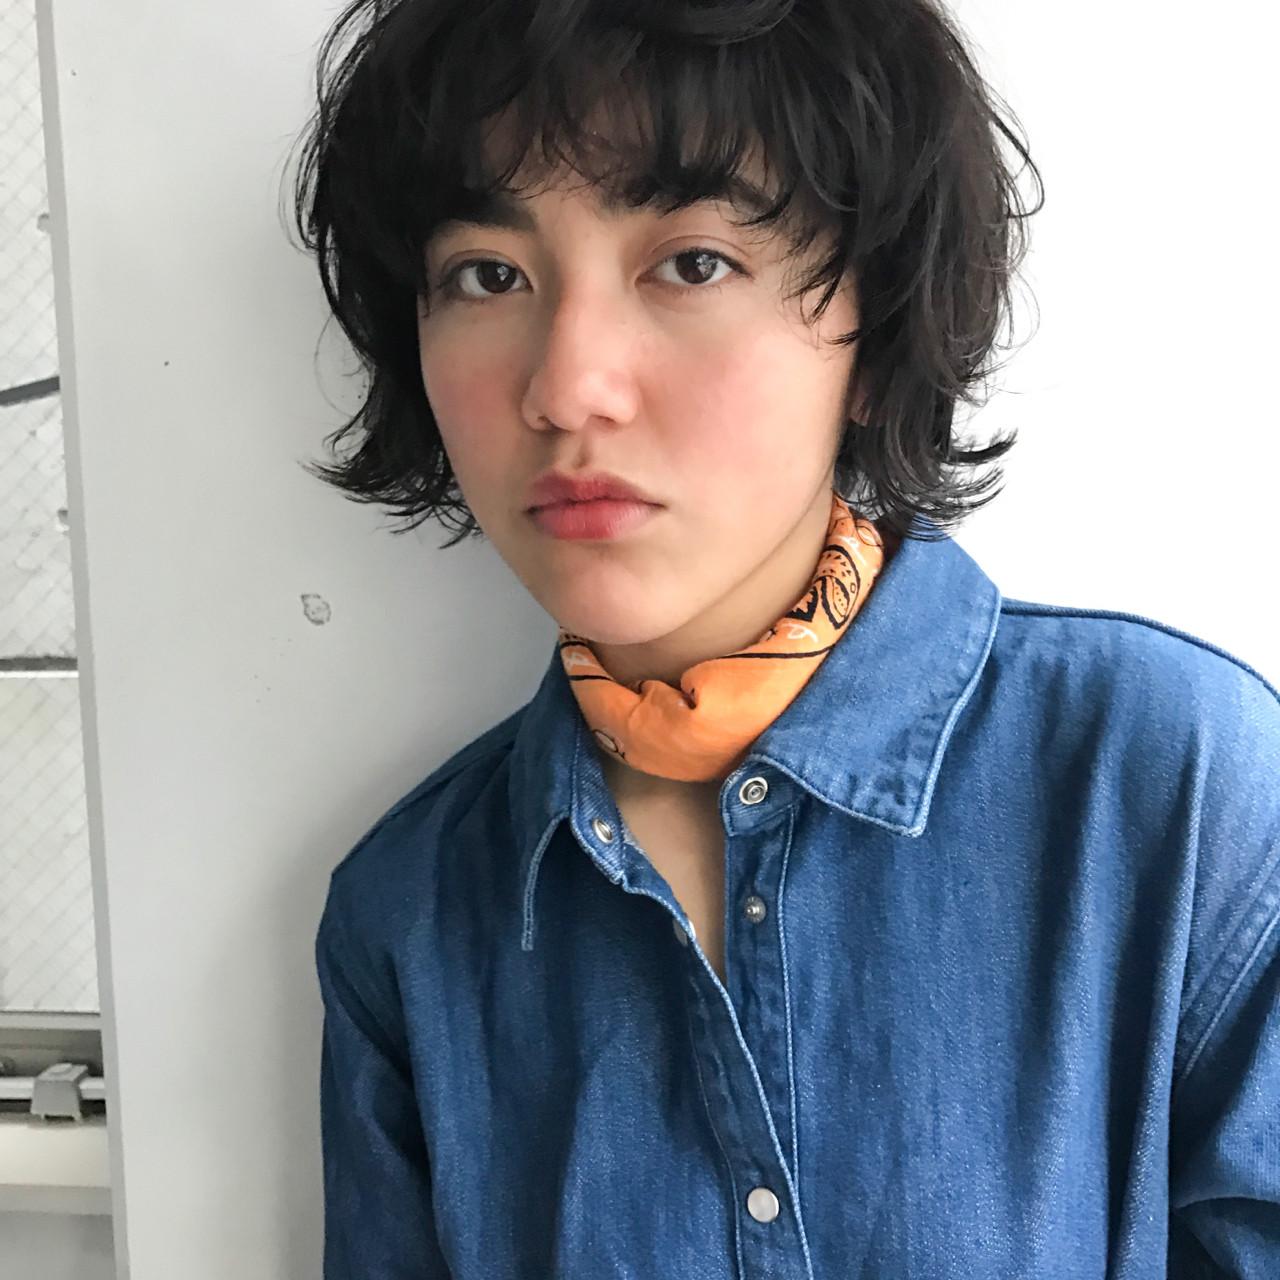 マッシュ アッシュ 黒髪 パーマ ヘアスタイルや髪型の写真・画像